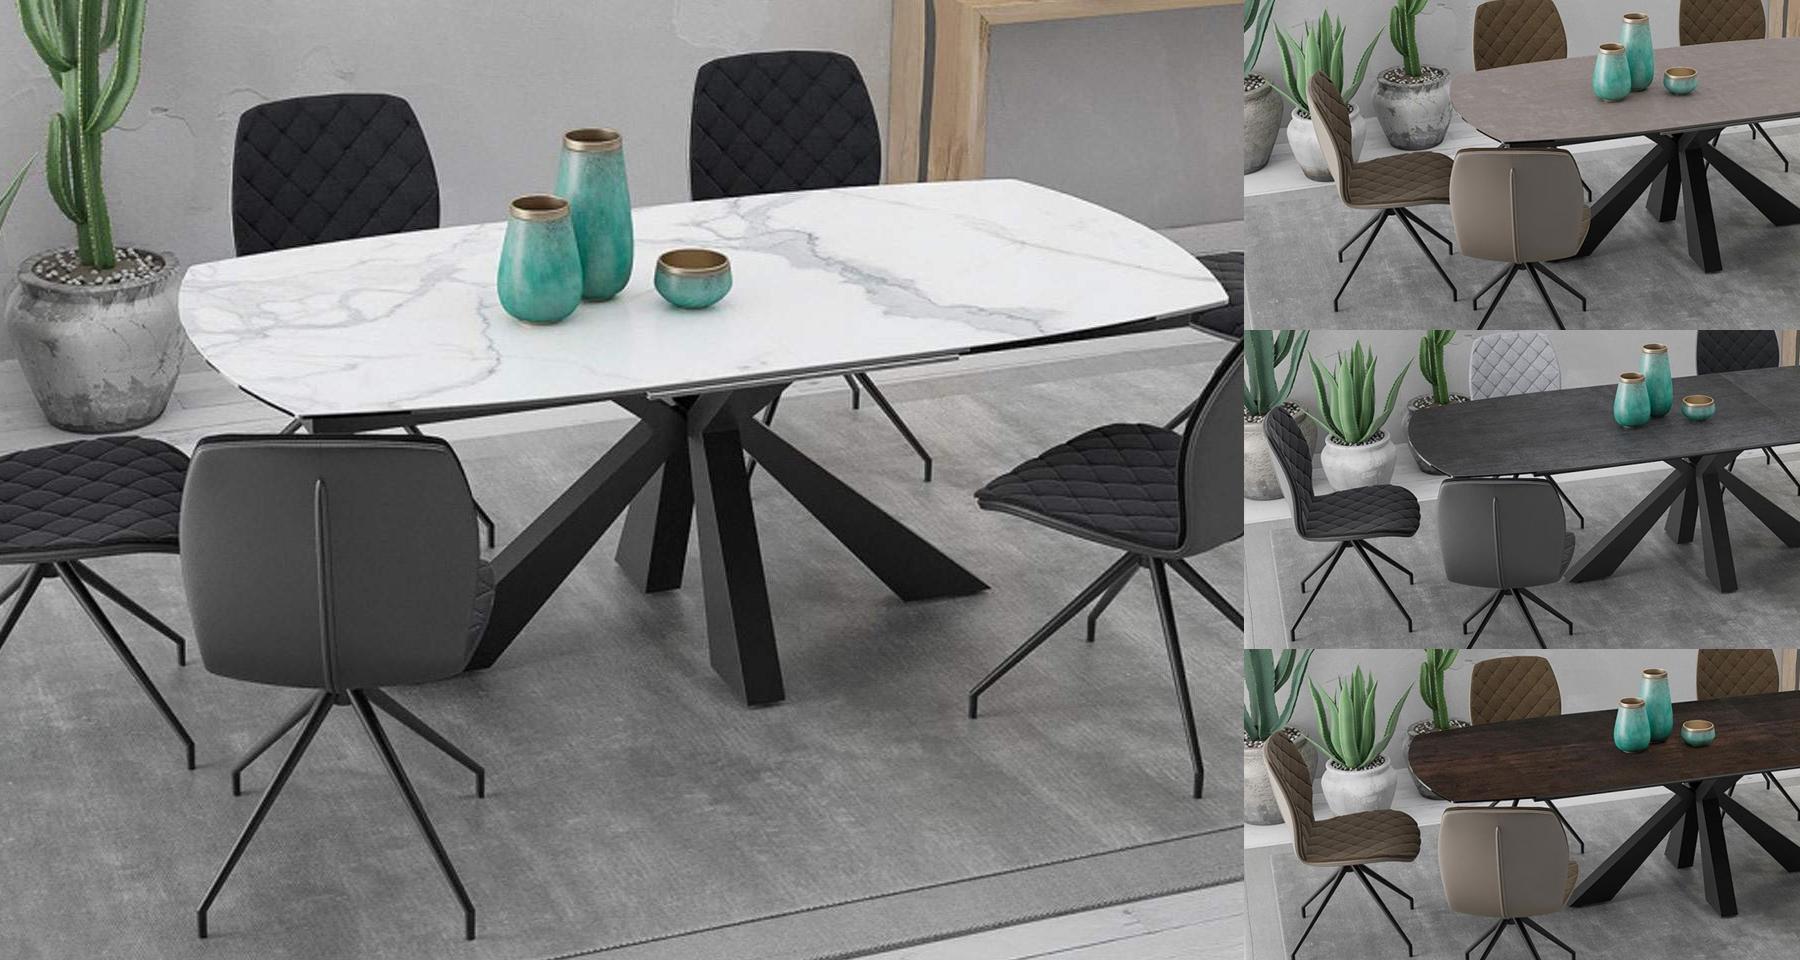 Table en céramique avec rallonges